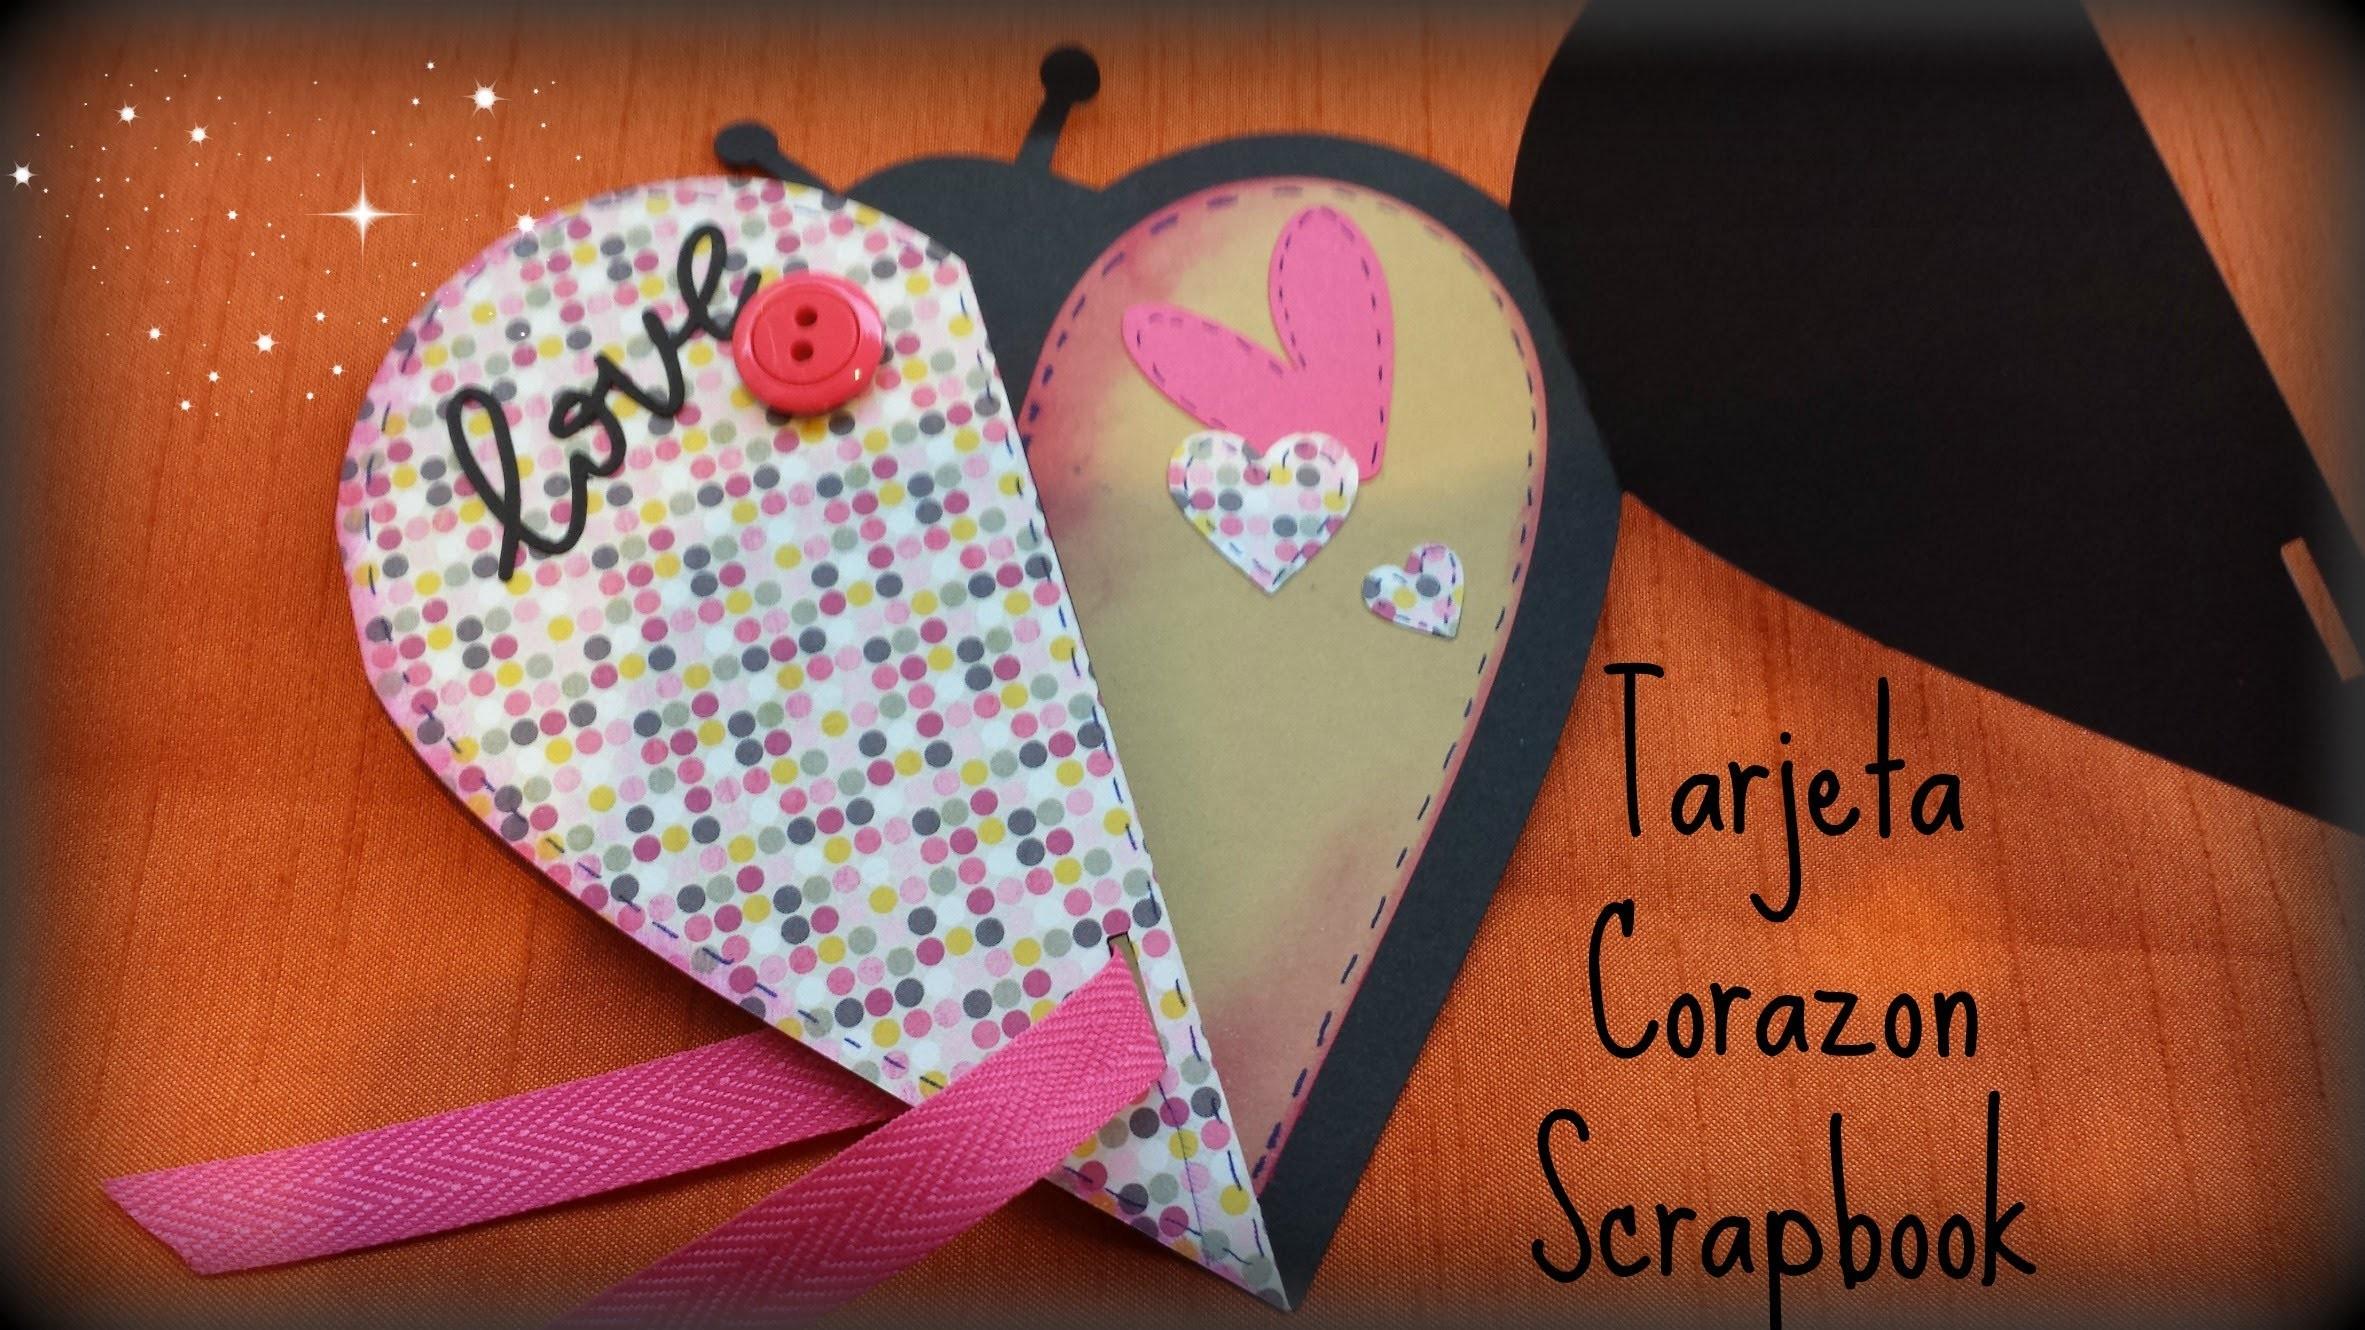 Tarjeta Proyecto en forma de corazon, Scrapbook